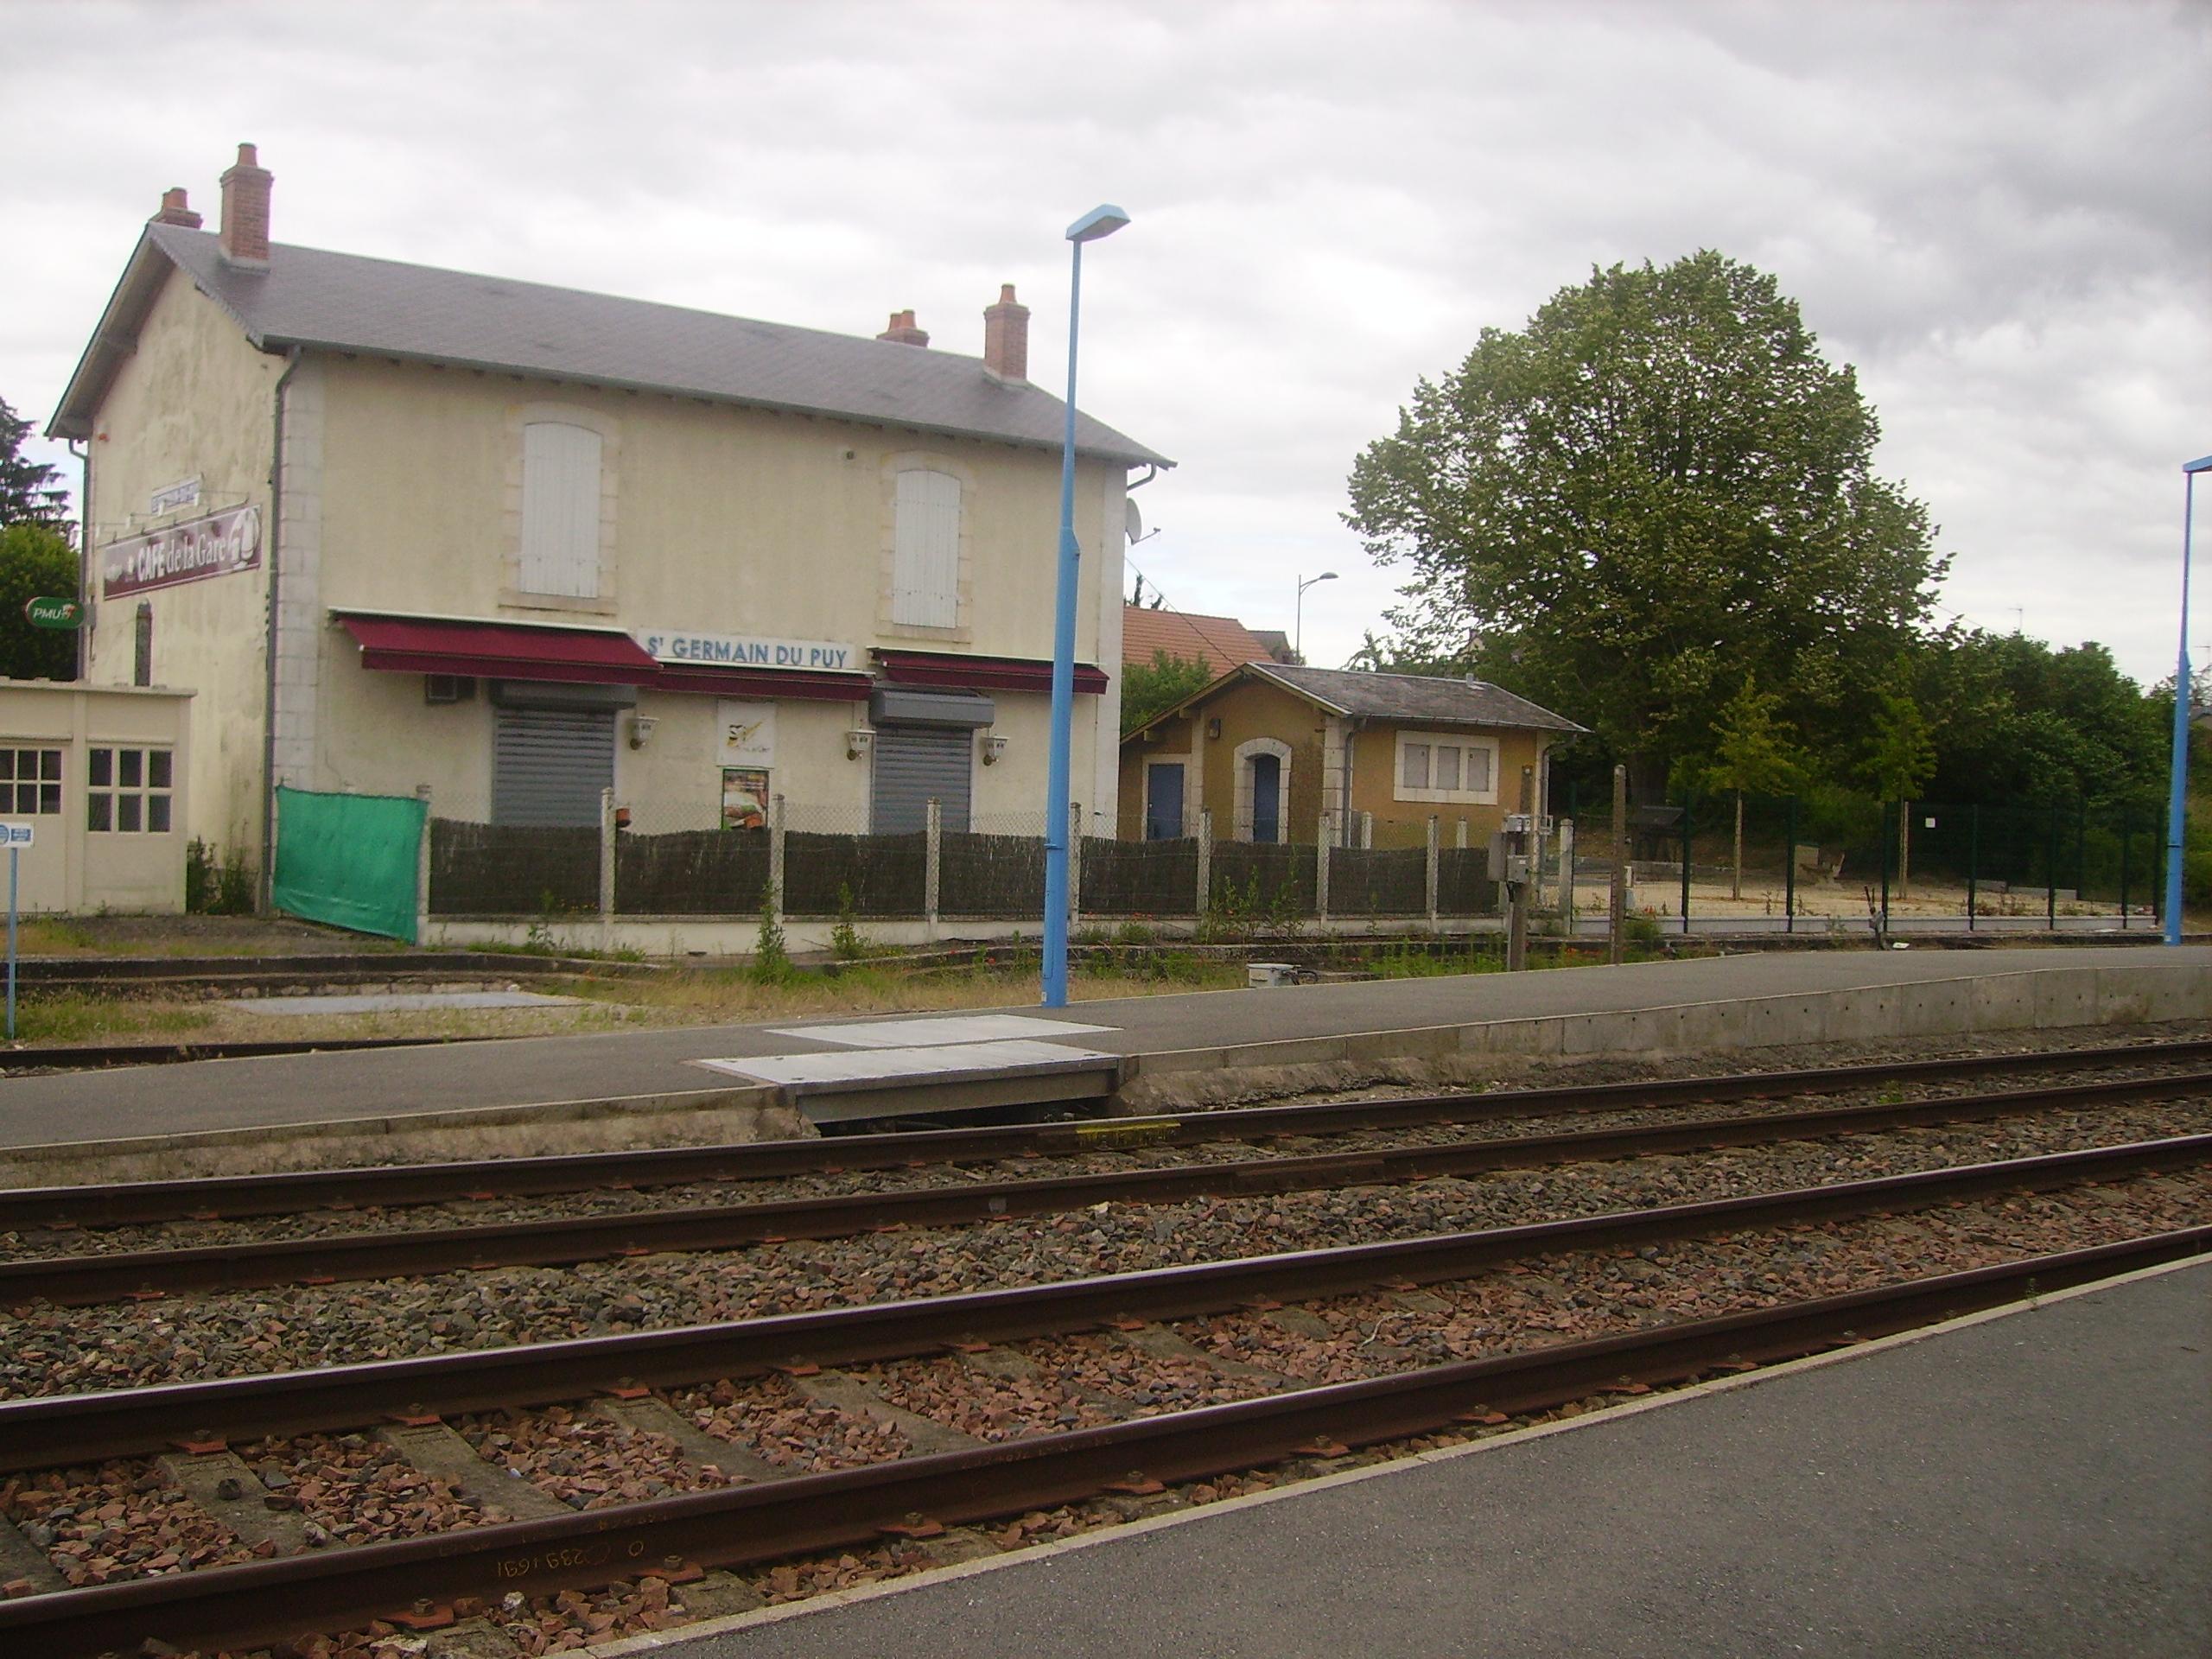 Sur le banc de la gare st germain au mont dor certains jours picture to pin o - La quincaillerie saint germain ...